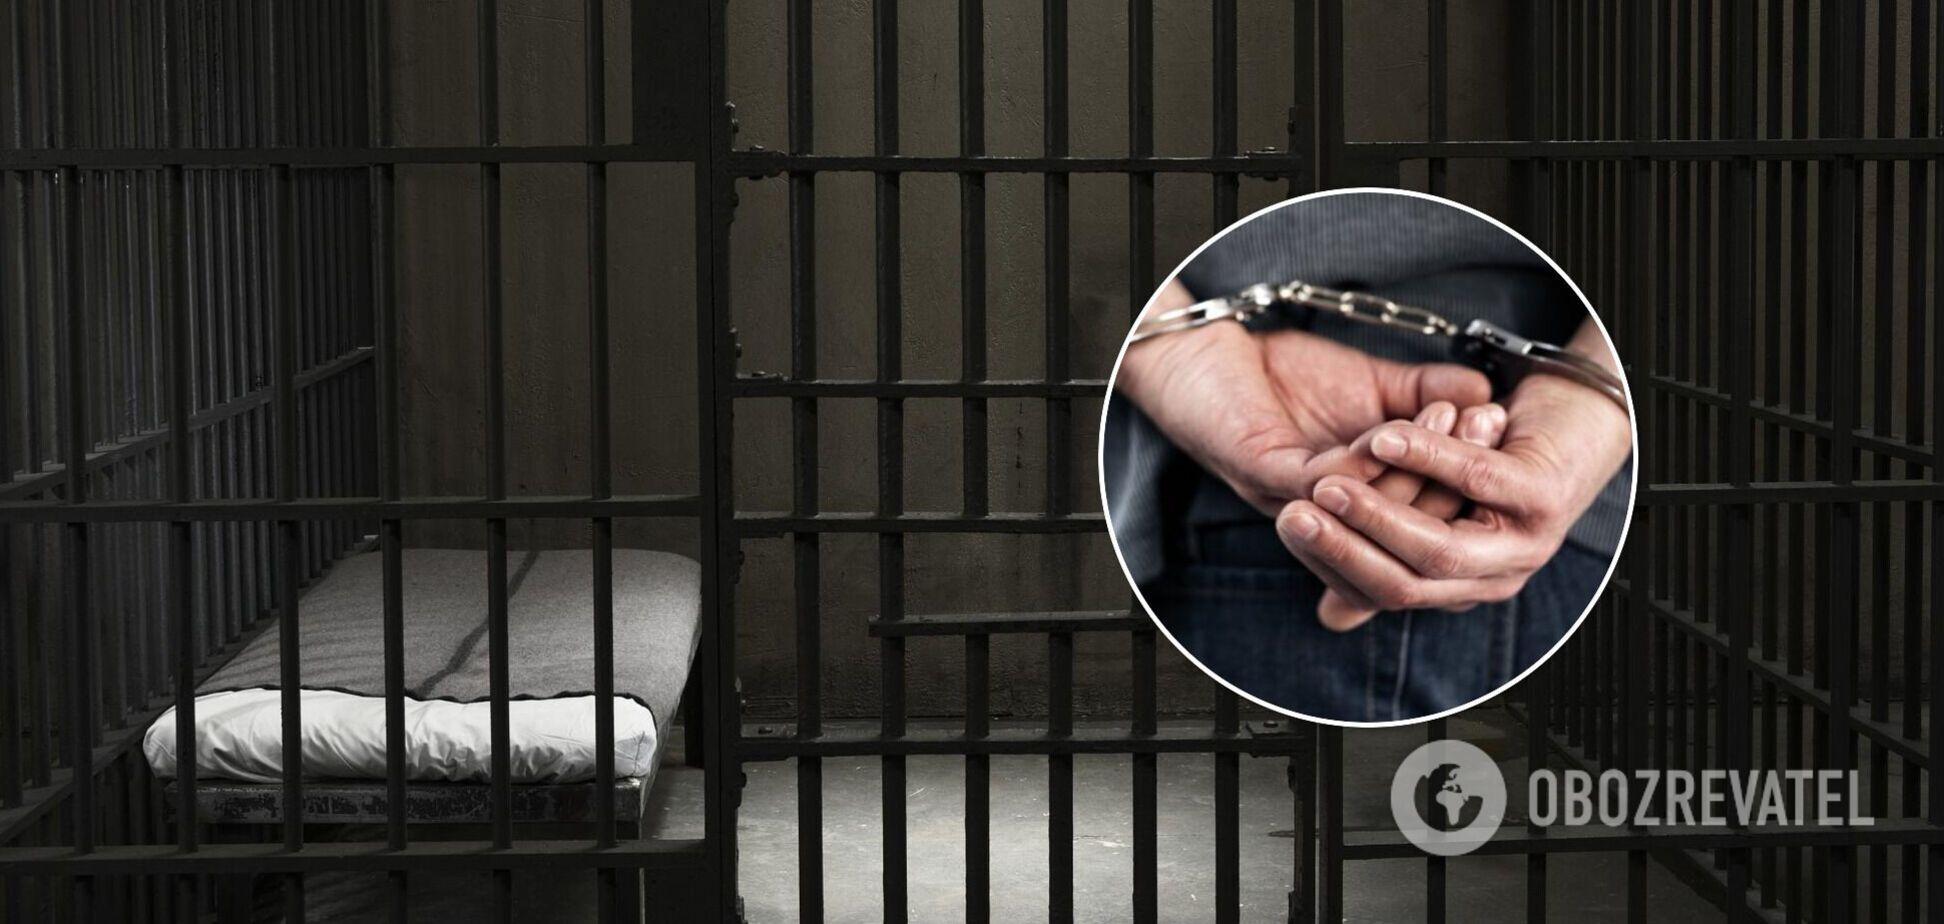 Злоумышленнику грозит до 6 лет лишения свободы